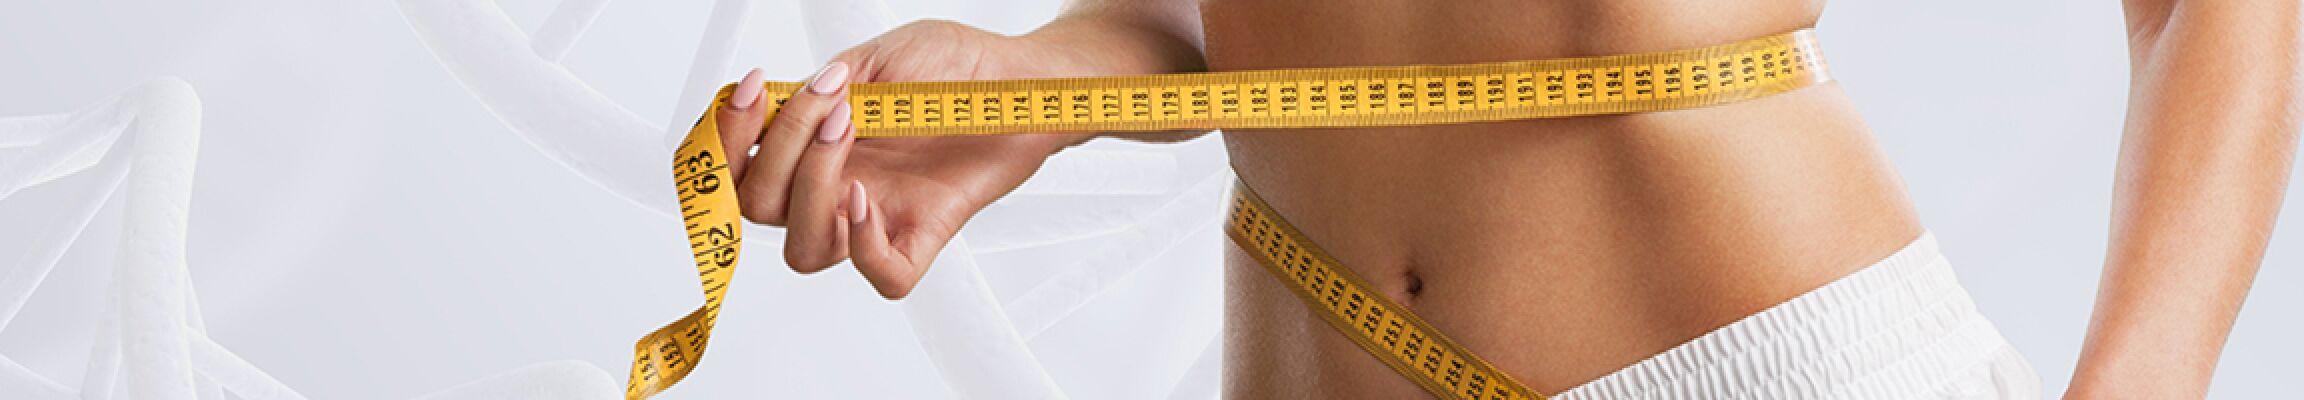 Fazit zur Stoffwechselkur